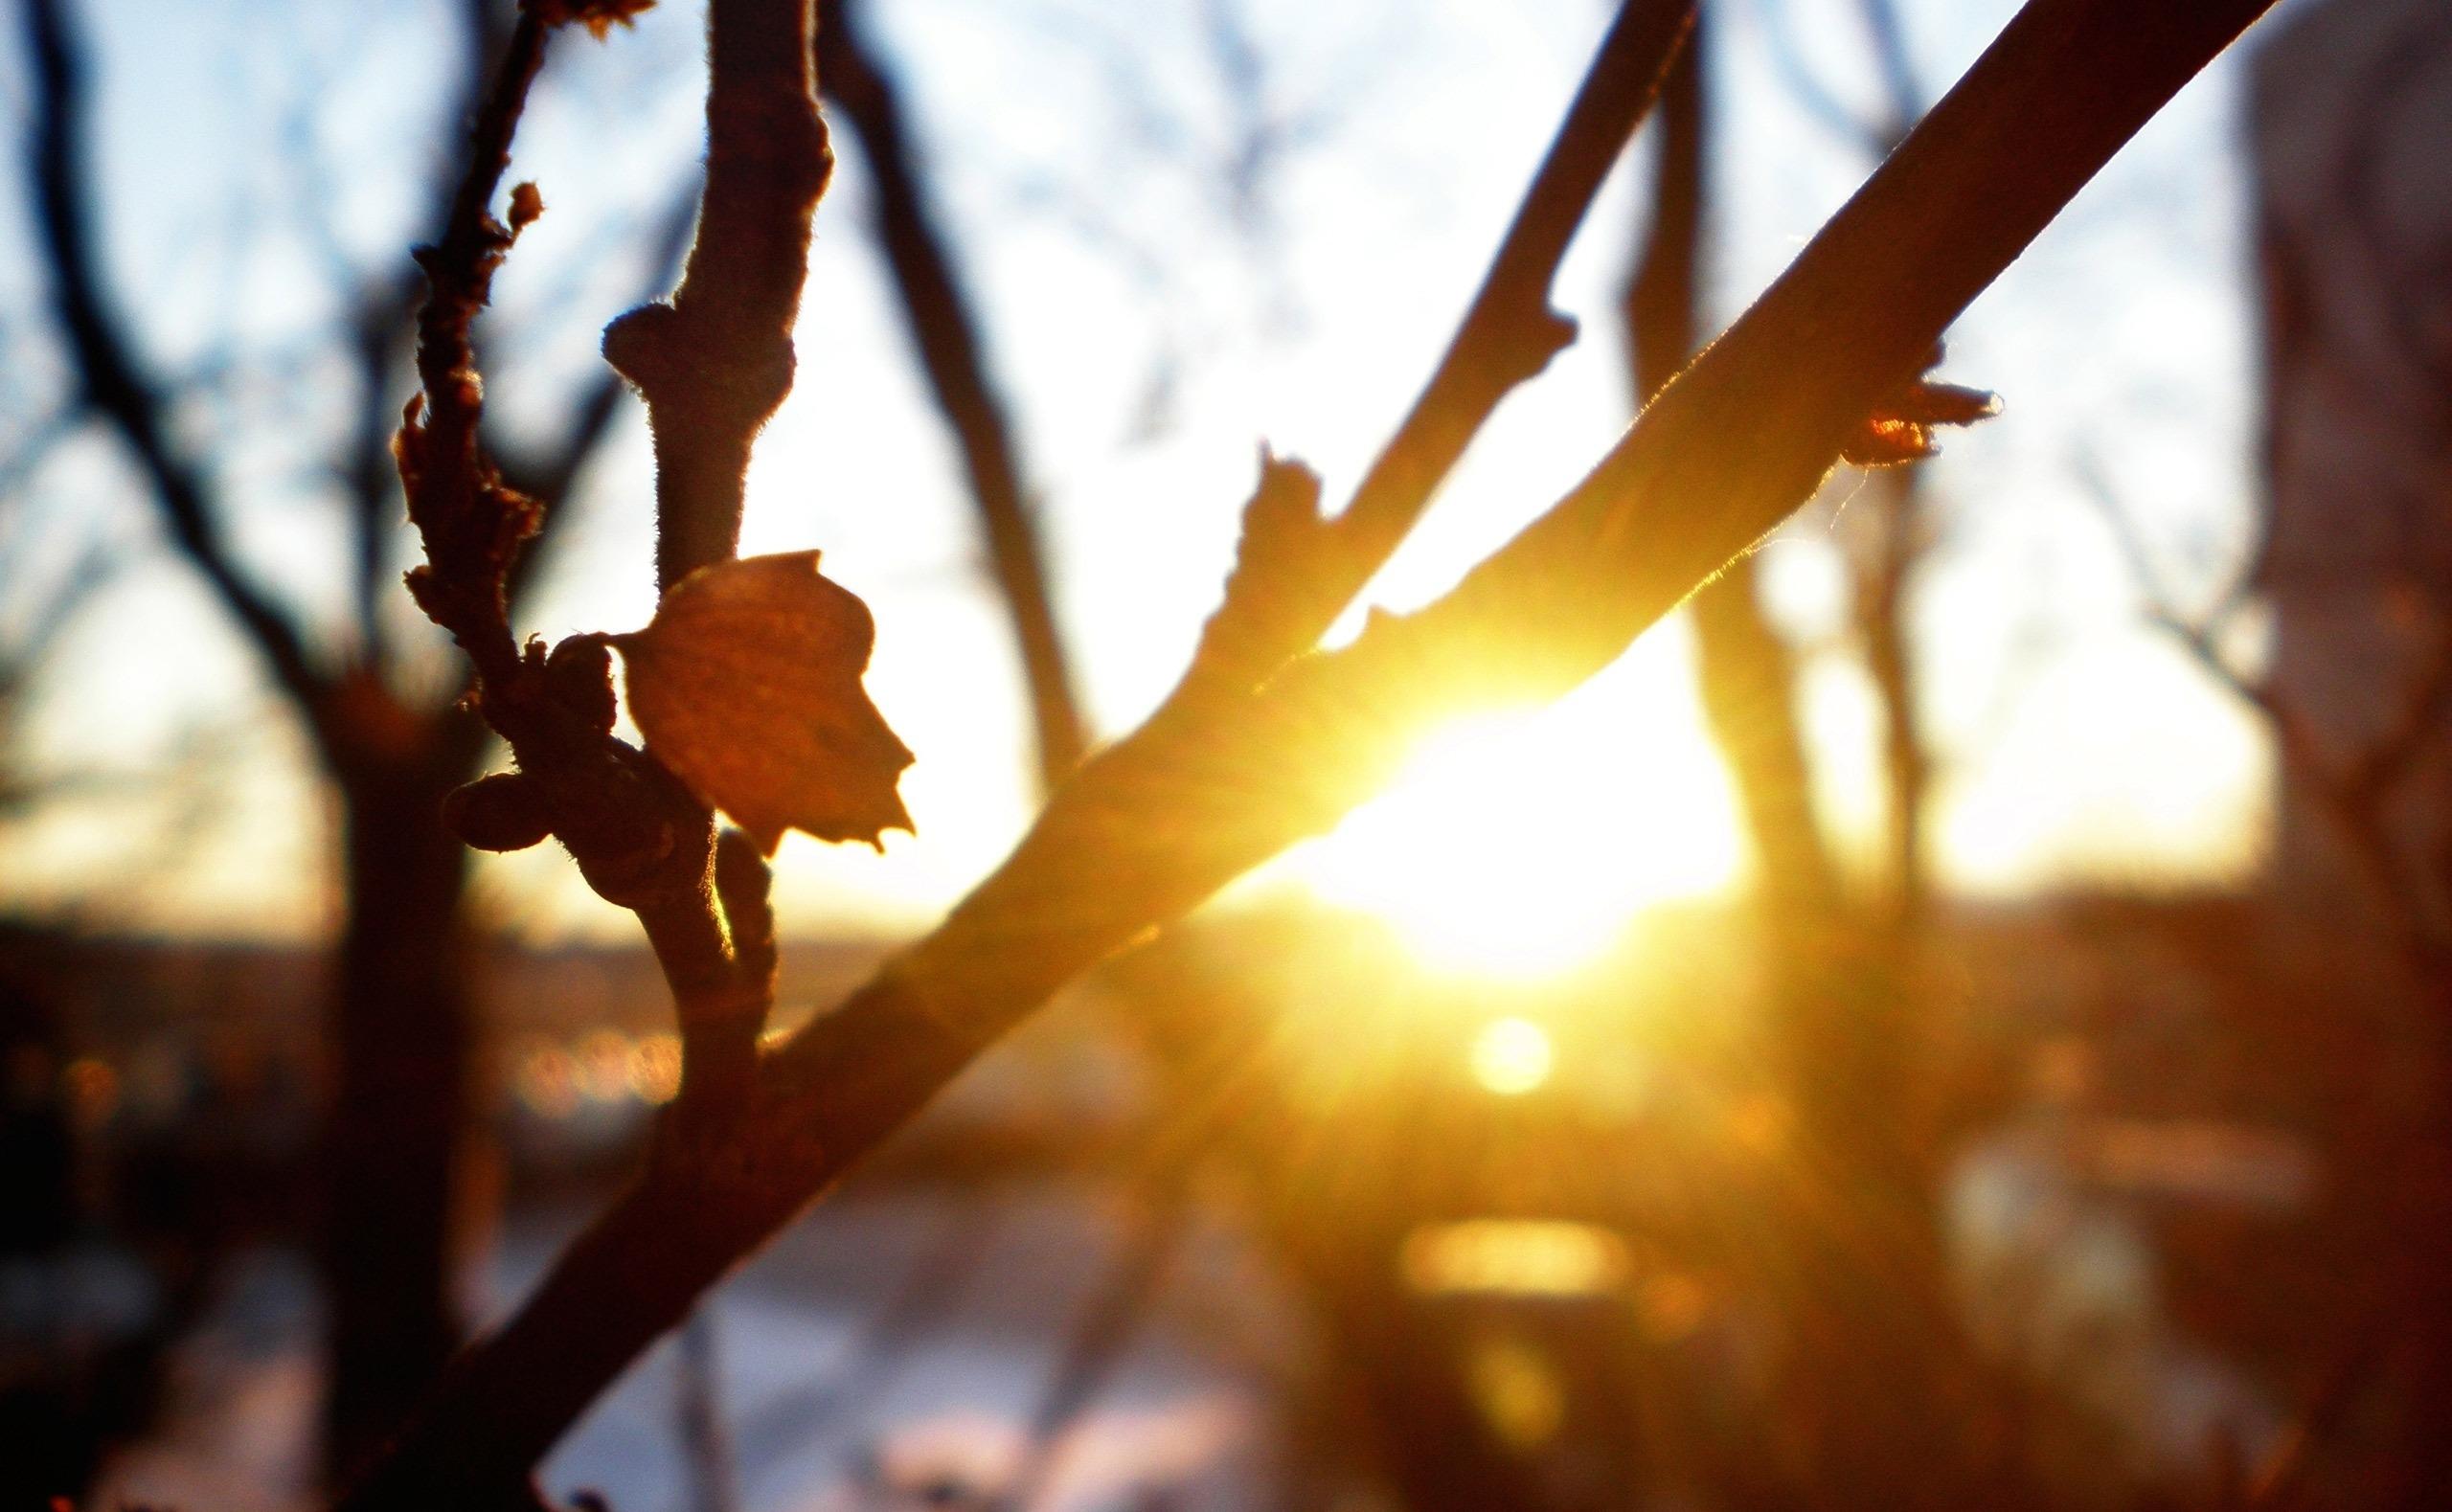 картинка на рабочий стол солнце и природа пробуждается ото сна что